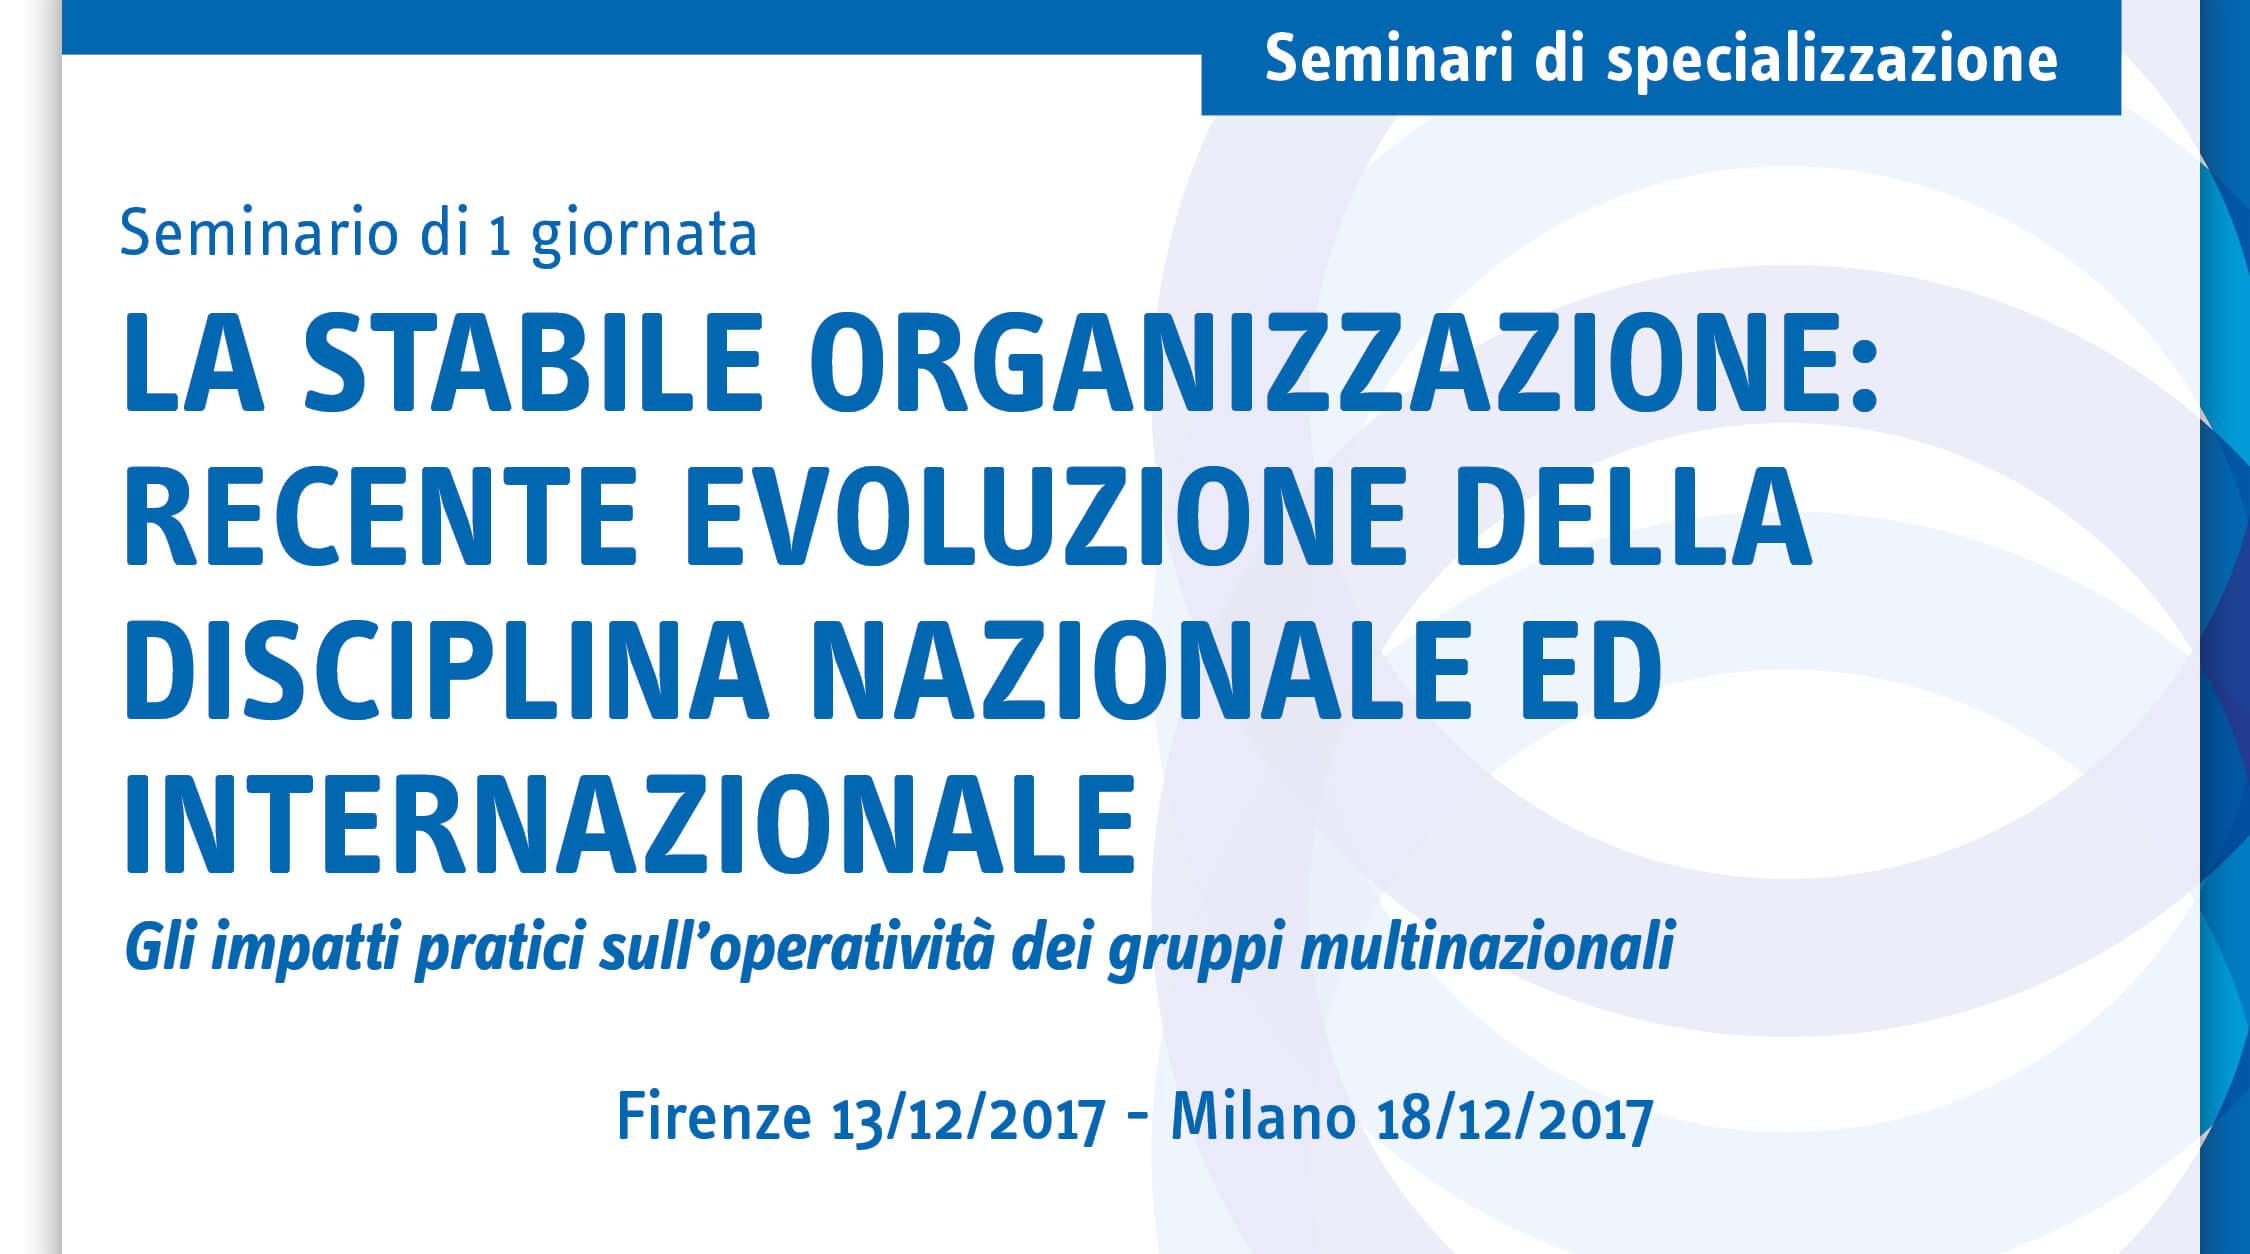 La stabile organizzazione: recente evoluzione della disciplina nazionale ed internazionale